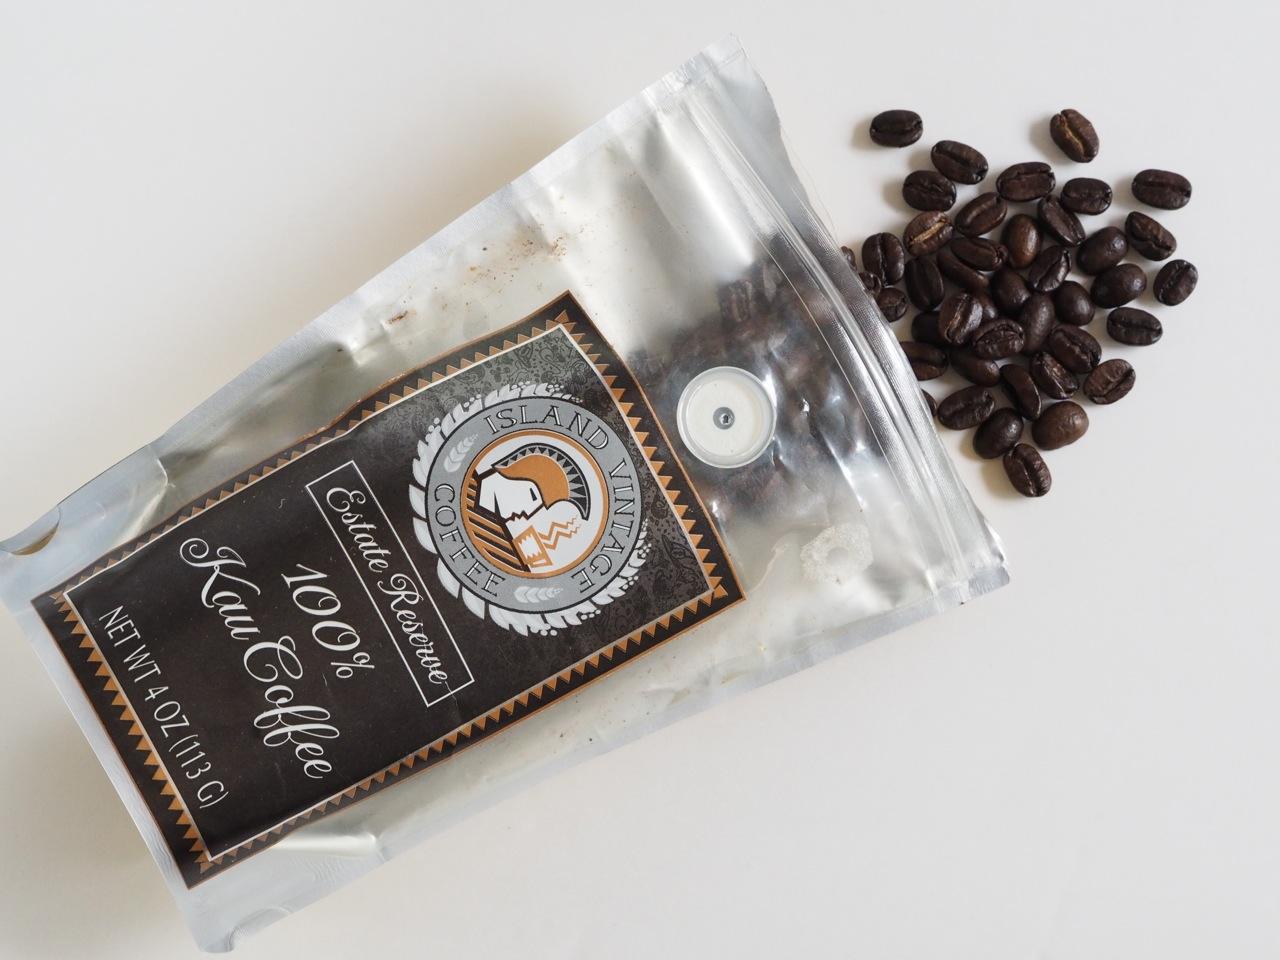 酸味が嫌いな人に最適のコーヒー